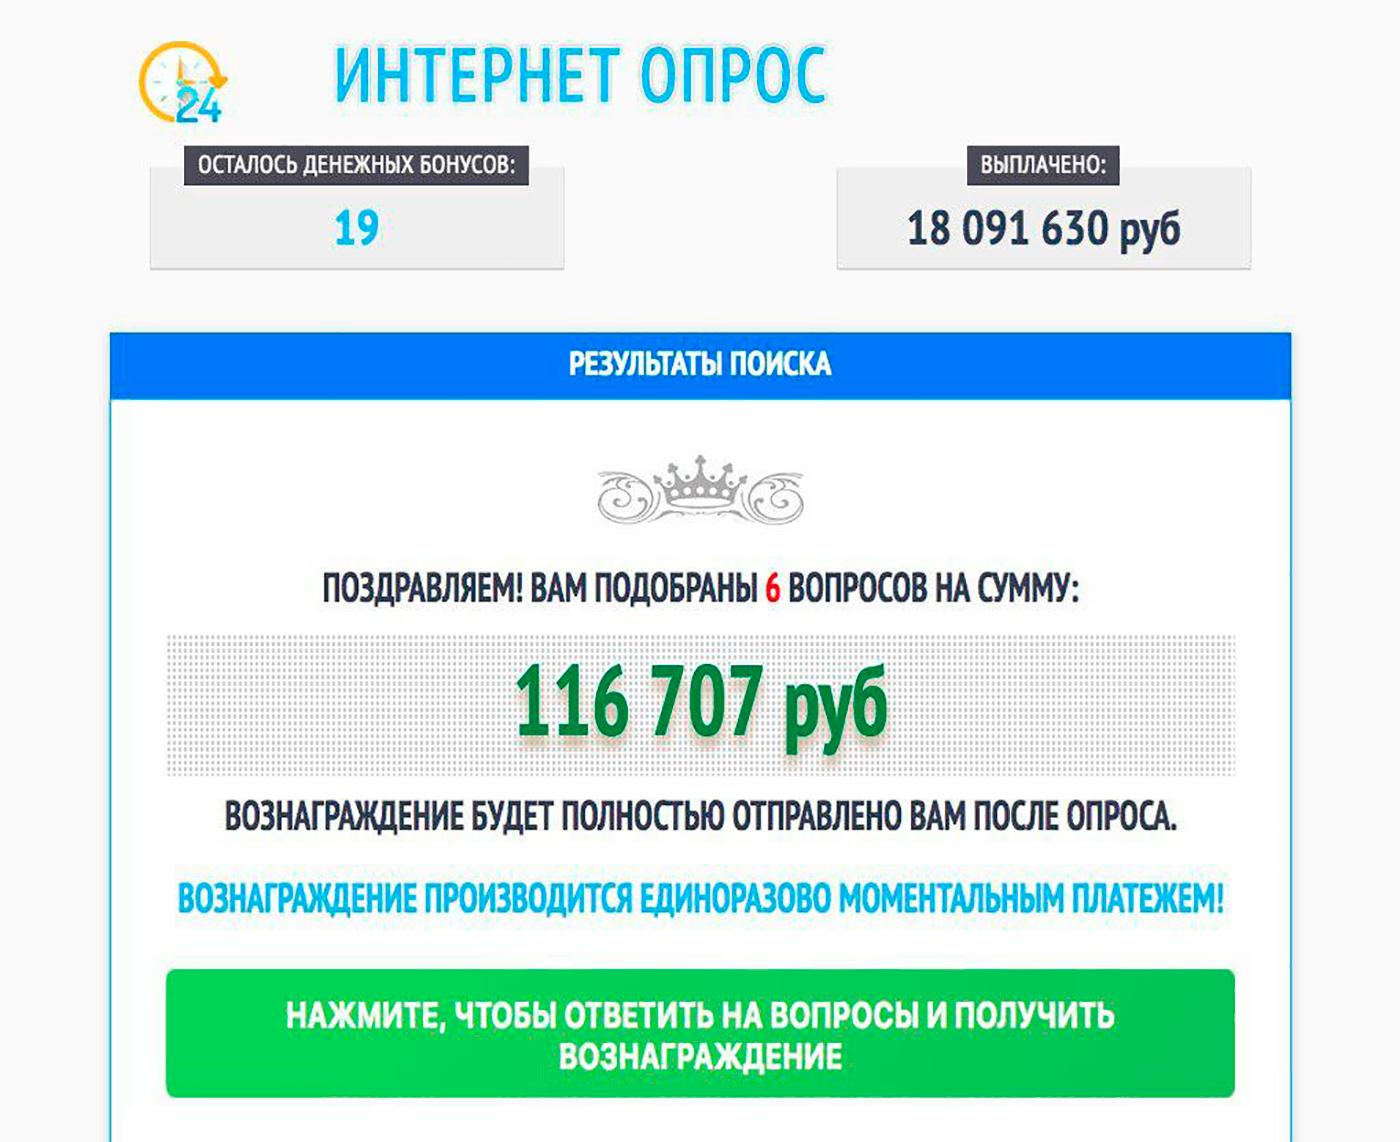 Мошенники предлагают получить почти 117 тысяч рублей за ответы на 6 простых вопросов